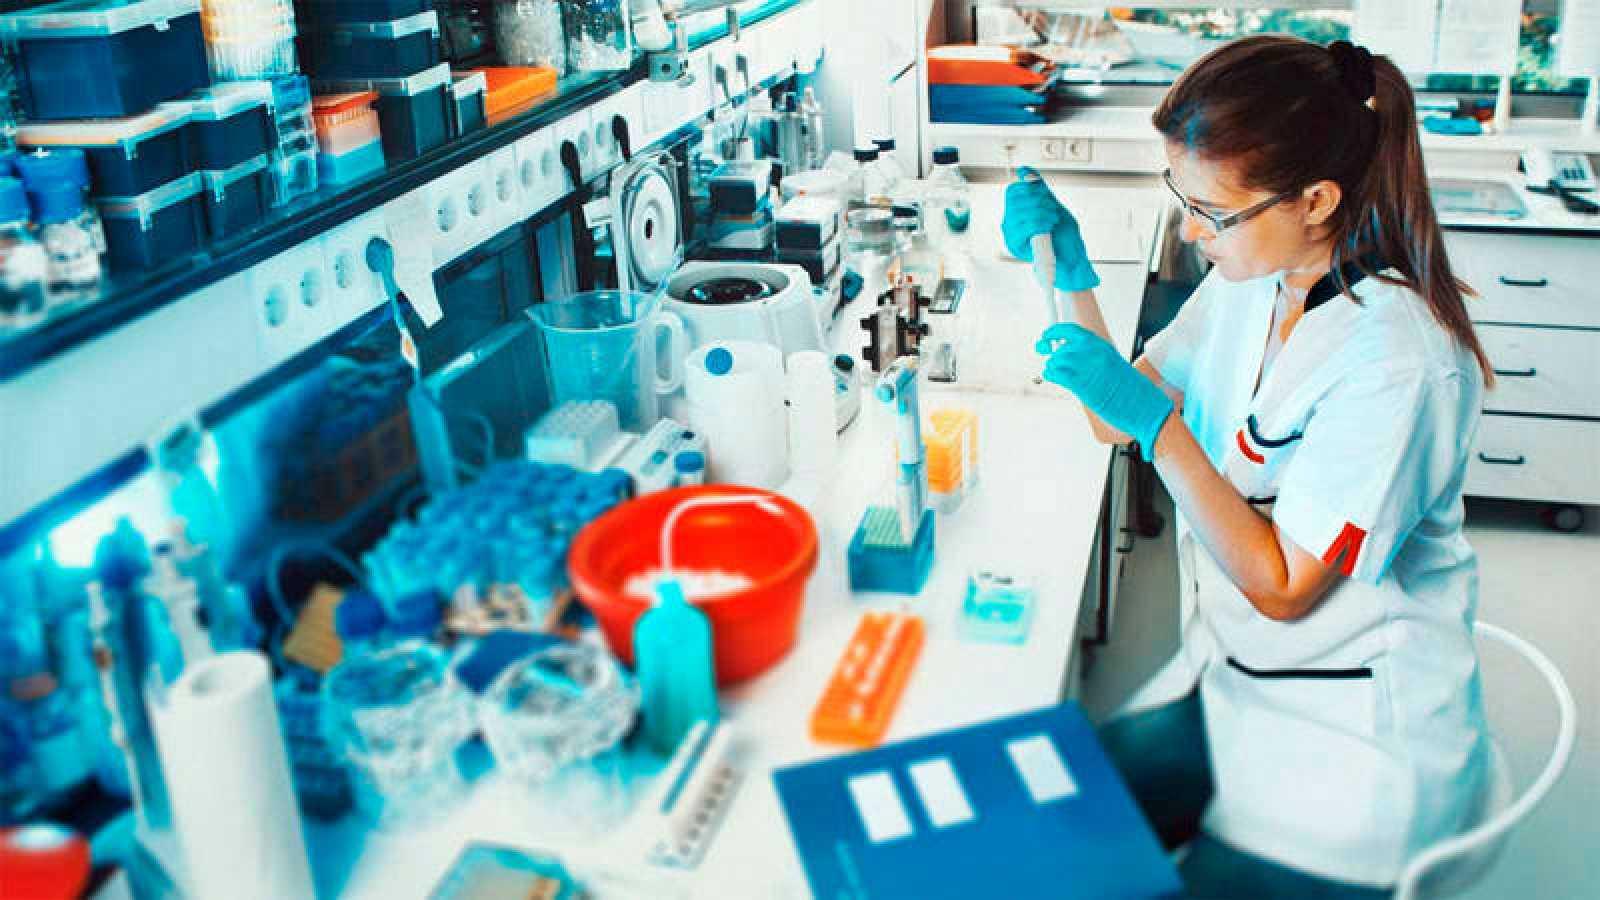 Los Premios Nobel en Química, Física, Fisiología y Medicina han sido obtenidos por 599 hombres, frente a las 17 mujeres.